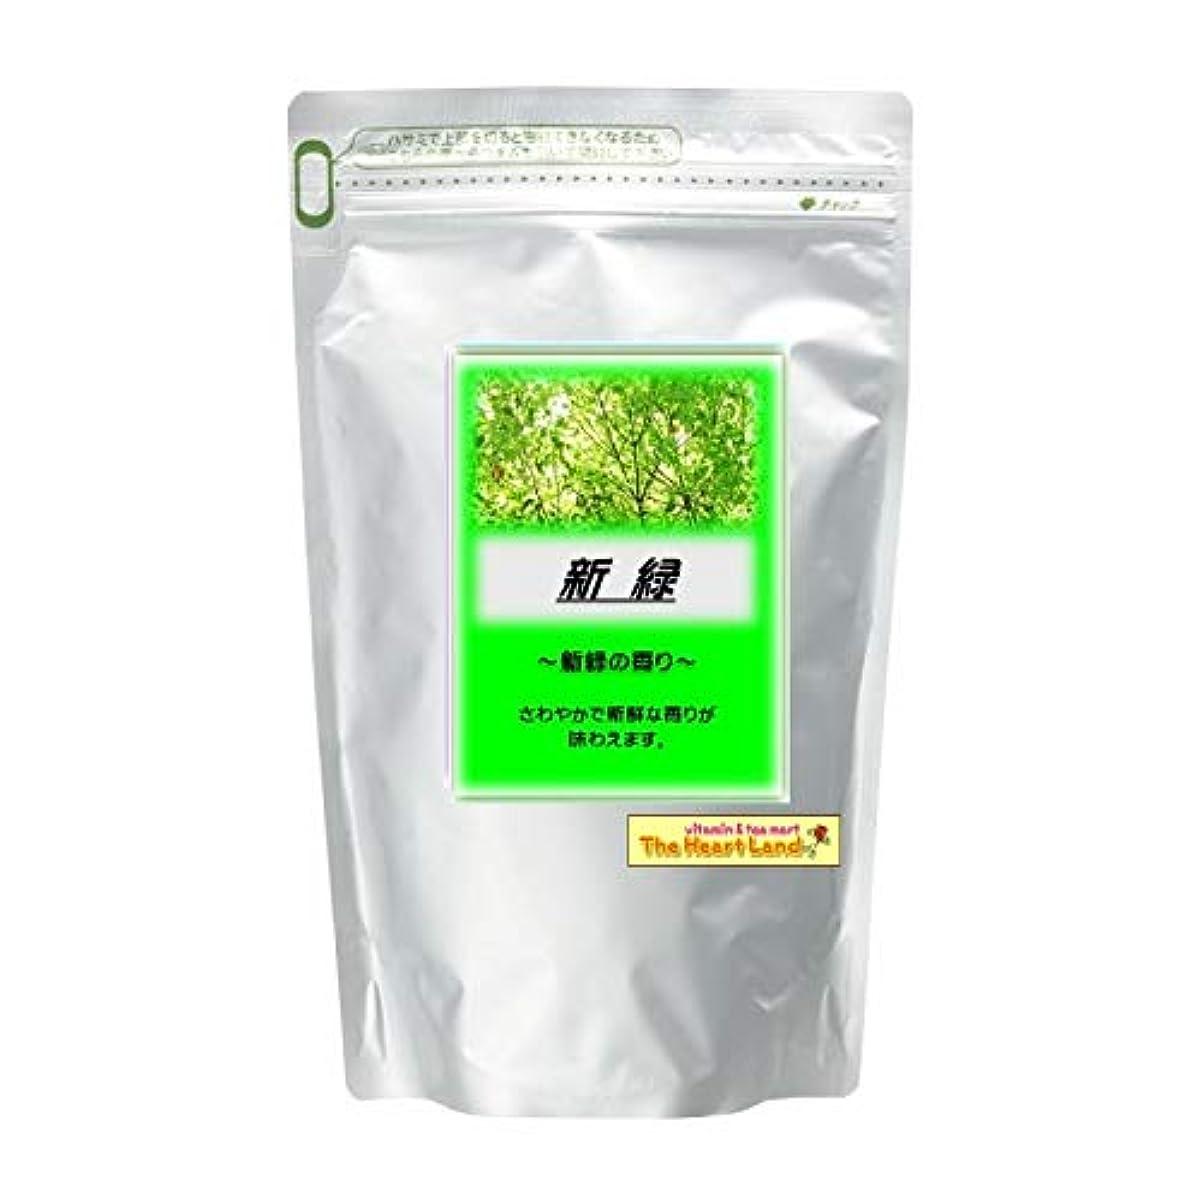 合法展望台ゲートウェイアサヒ入浴剤 浴用入浴化粧品 新緑 2.5kg